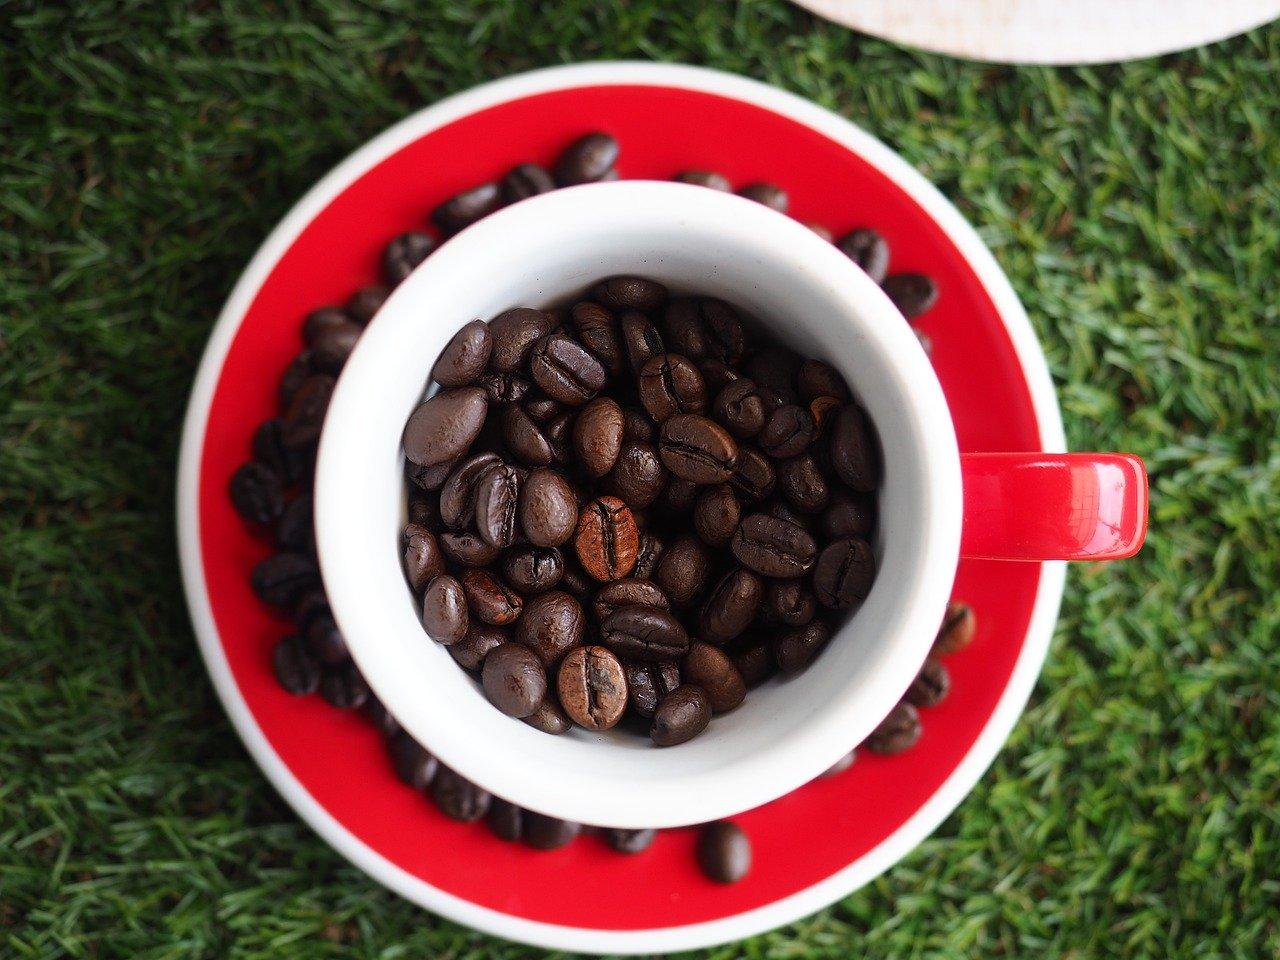 Eine Investition in hochwertige Espressobohnen lohnt sich sehr.